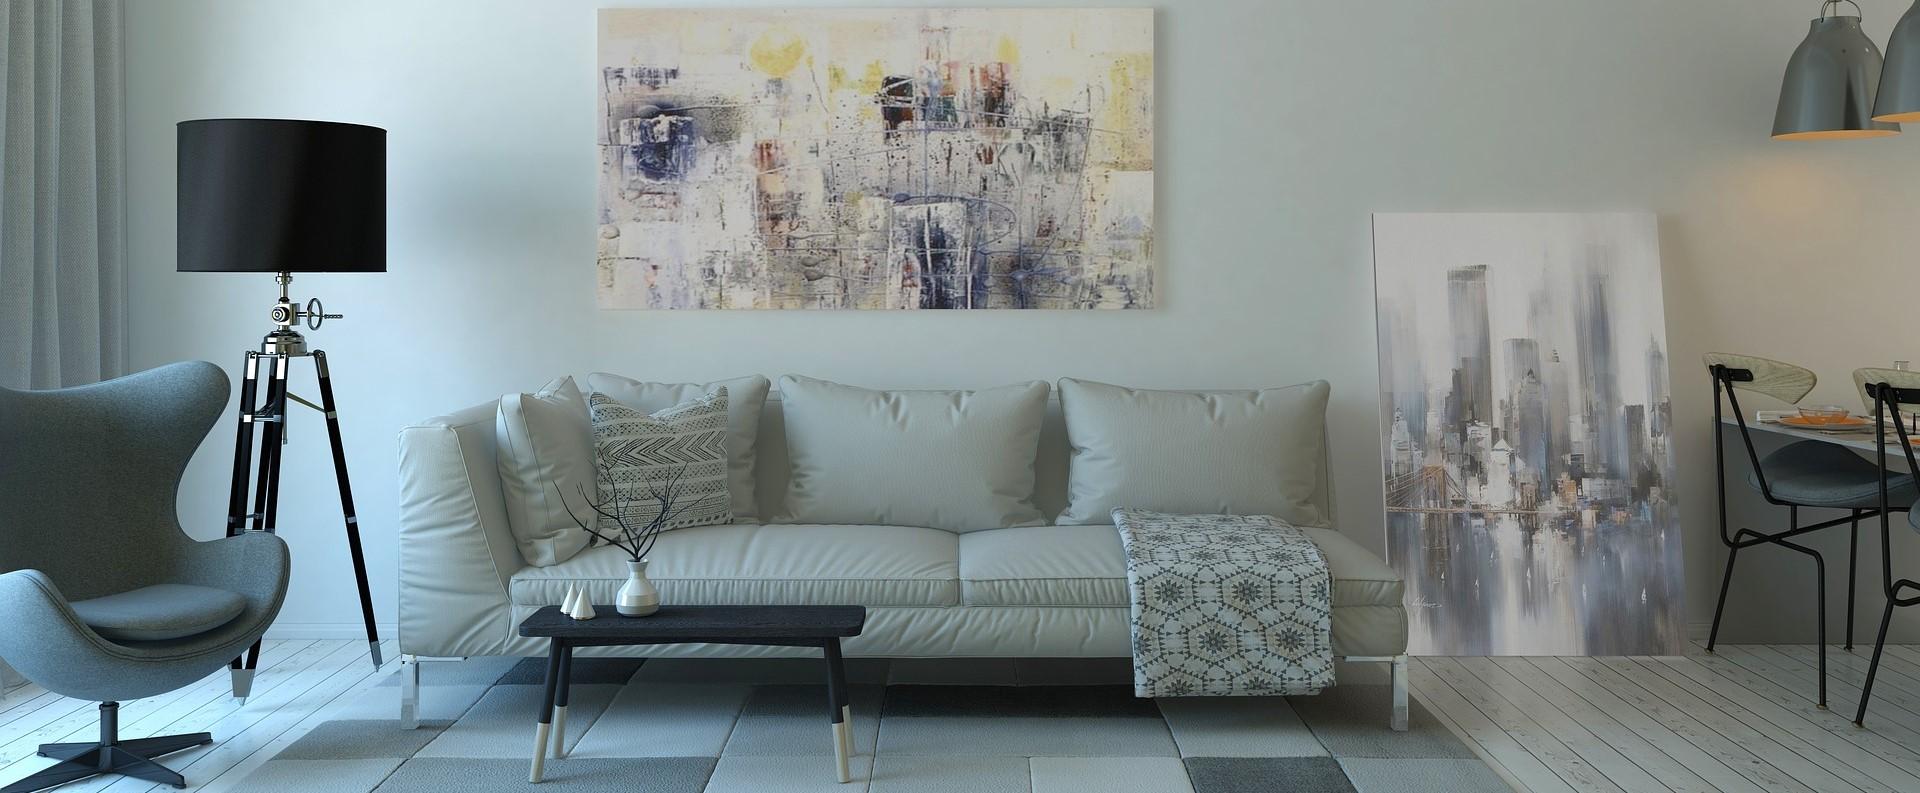 Idee per arredare casa con i quadri antichi e moderni - Idee arredo casa ...